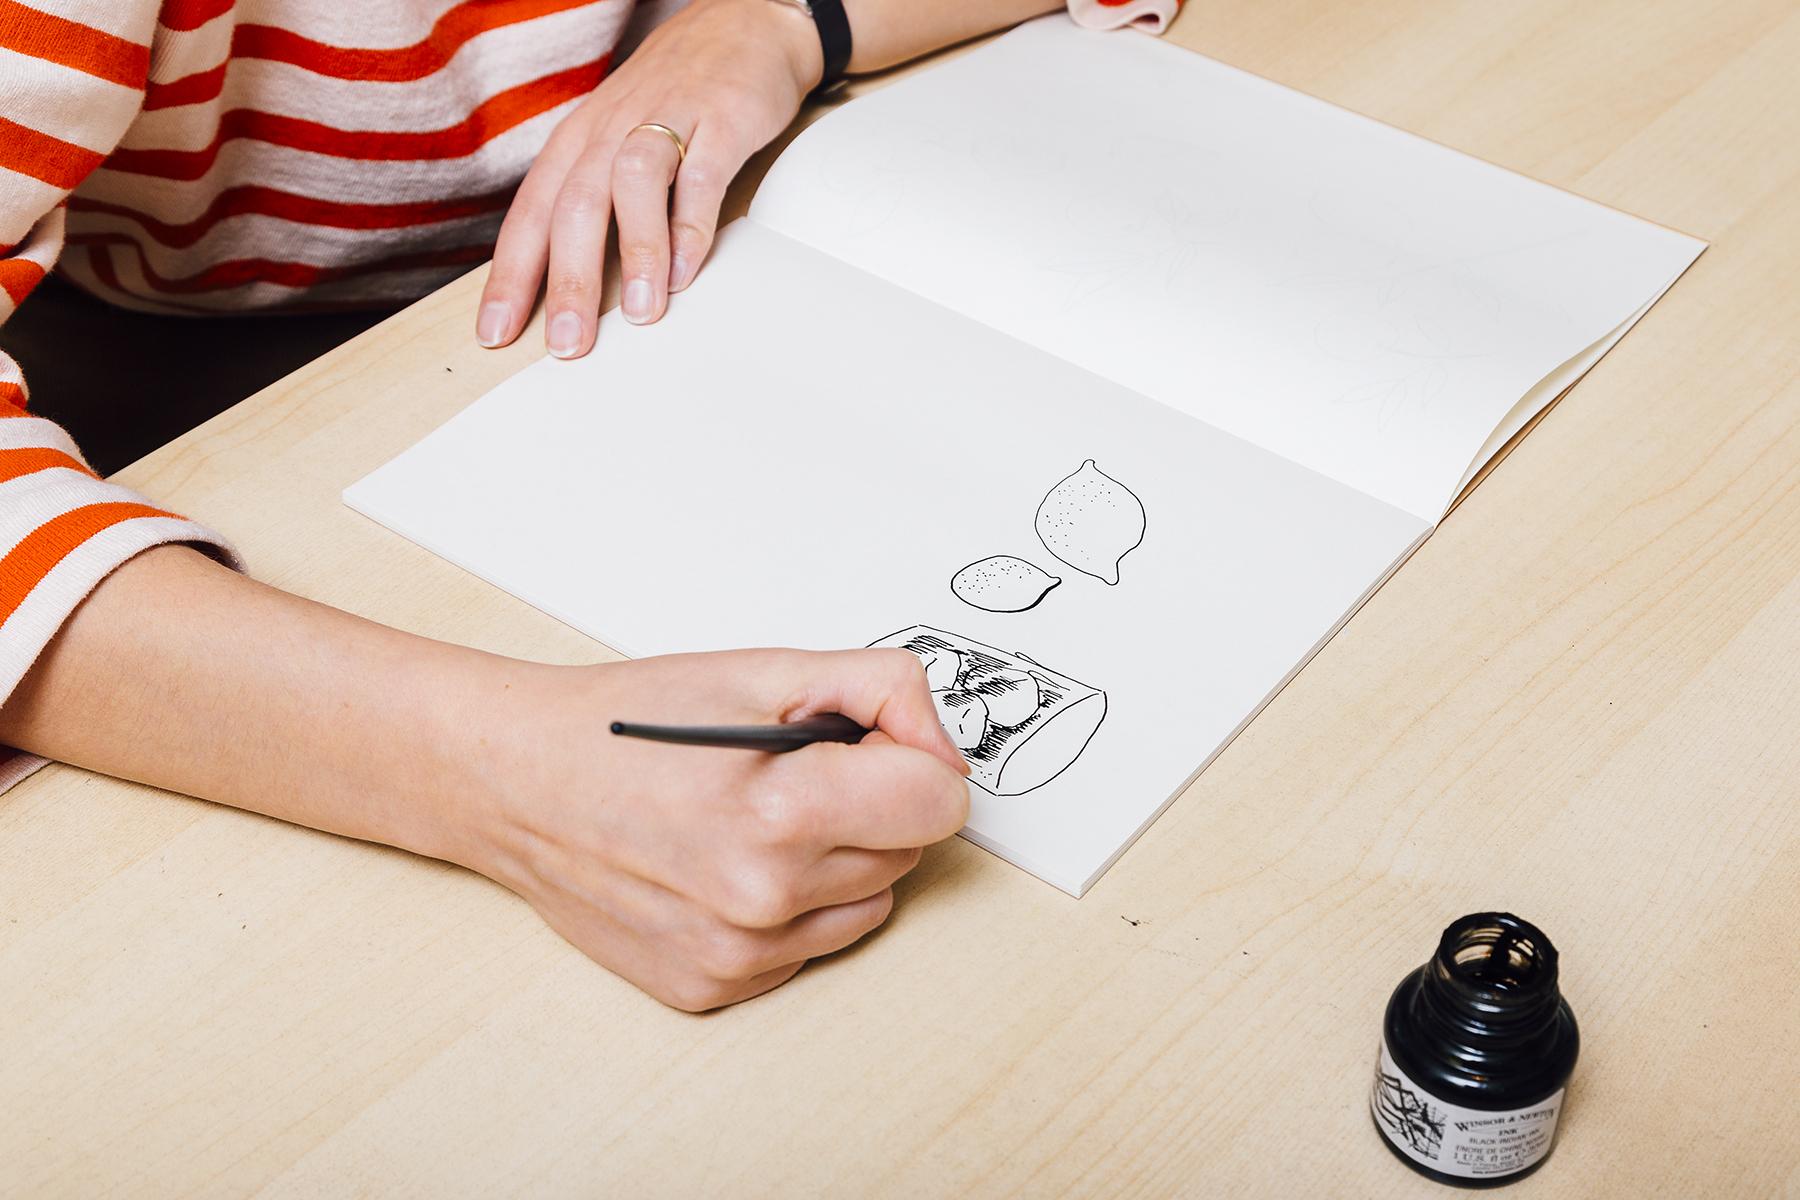 Liana Jegers, Los Angeles based illustrator